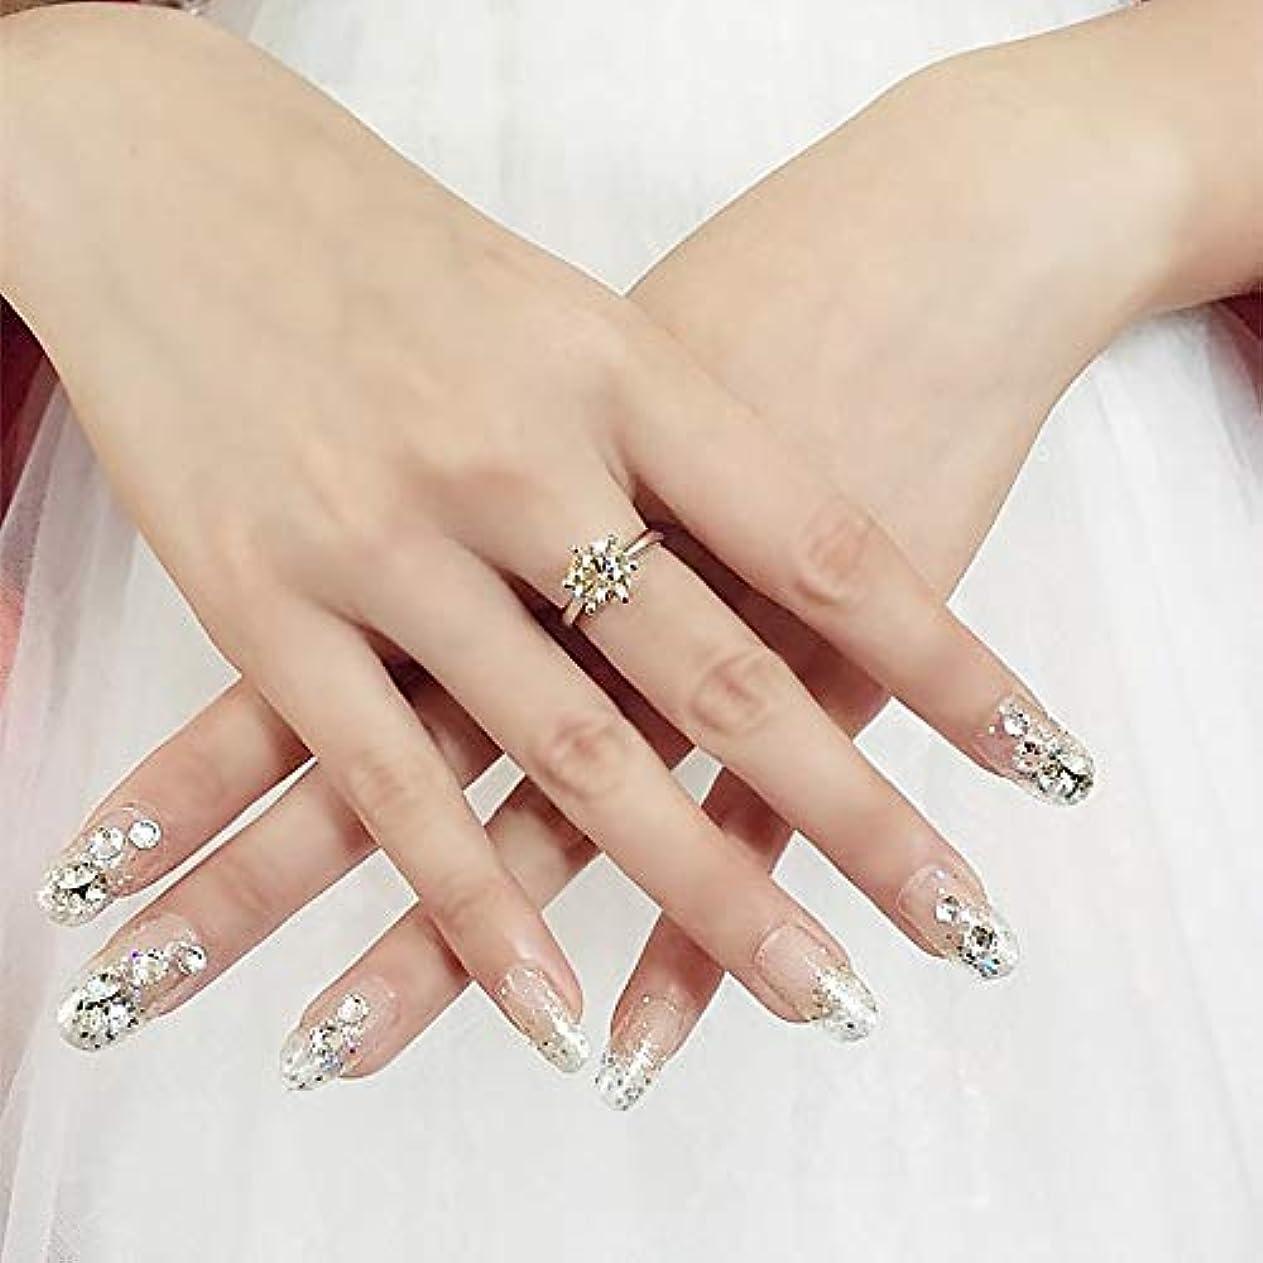 高さ教授奴隷SIFASHION 結婚する 花嫁のネイルチップ きらめき 人工ダイヤモンド 丸ネイルパッチ両面接着テープ付き ネイルチップ (ヌード)